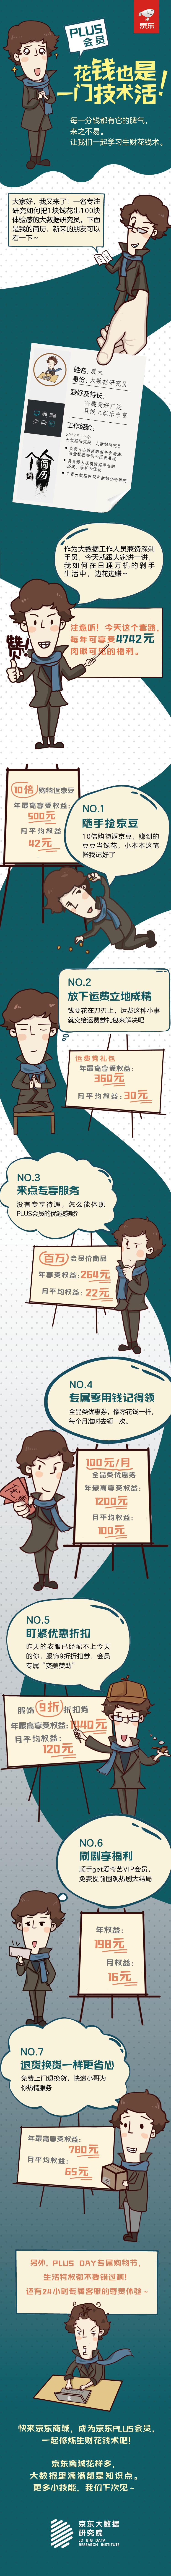 京东plus会员价值研究项目配图.png